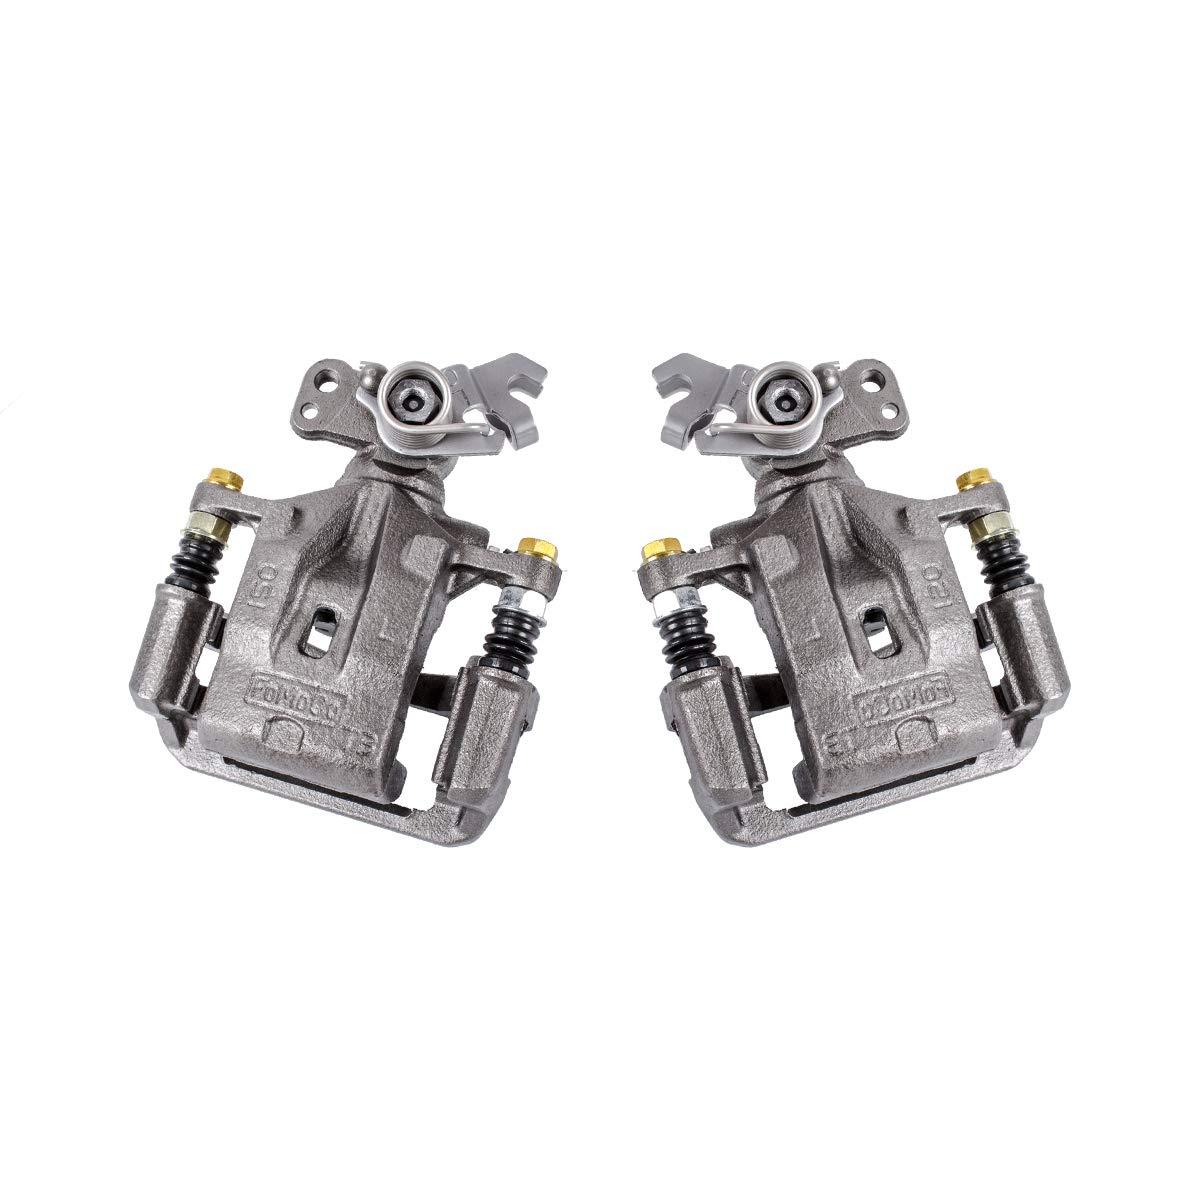 CCK02474 [ 2 ] REAR Premium Grade OE Semi-Loaded Caliper Assembly Pair Set Callahan Brake Parts